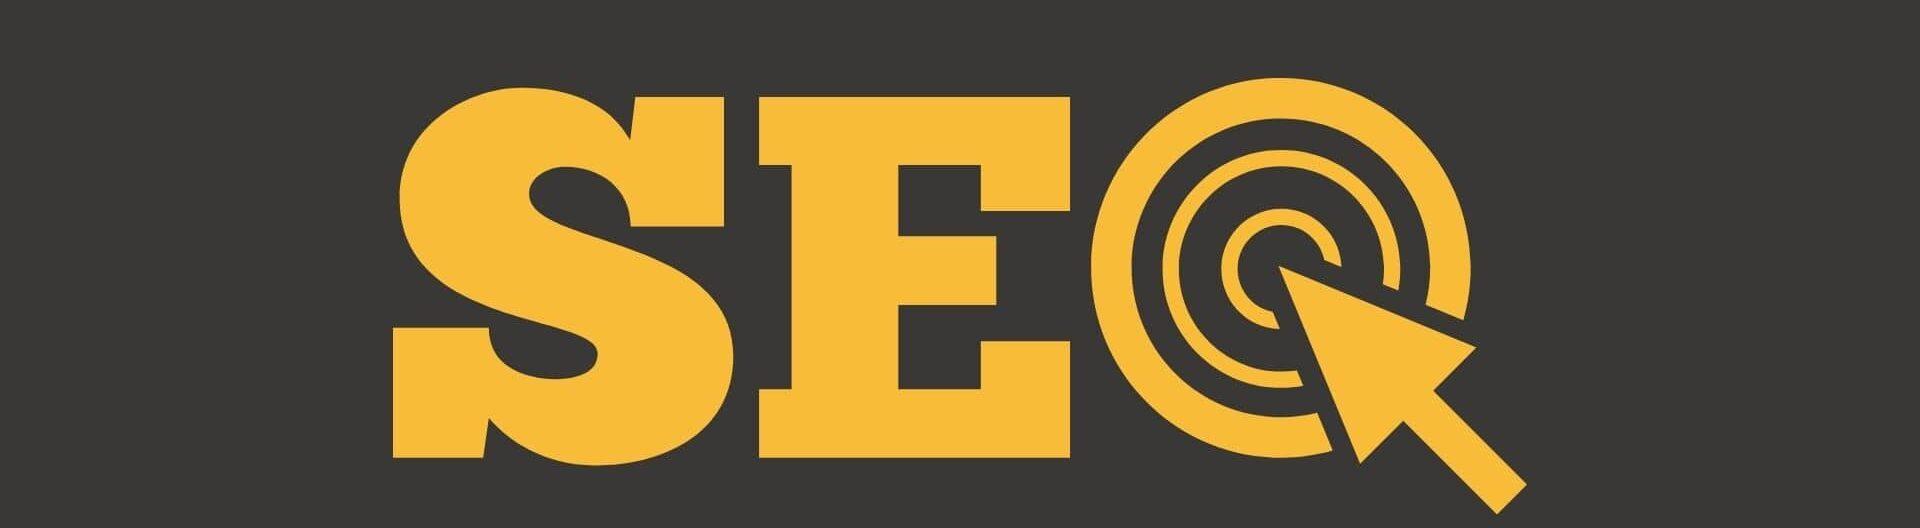 Услуга SEO оптимизация Агентство Web-bees